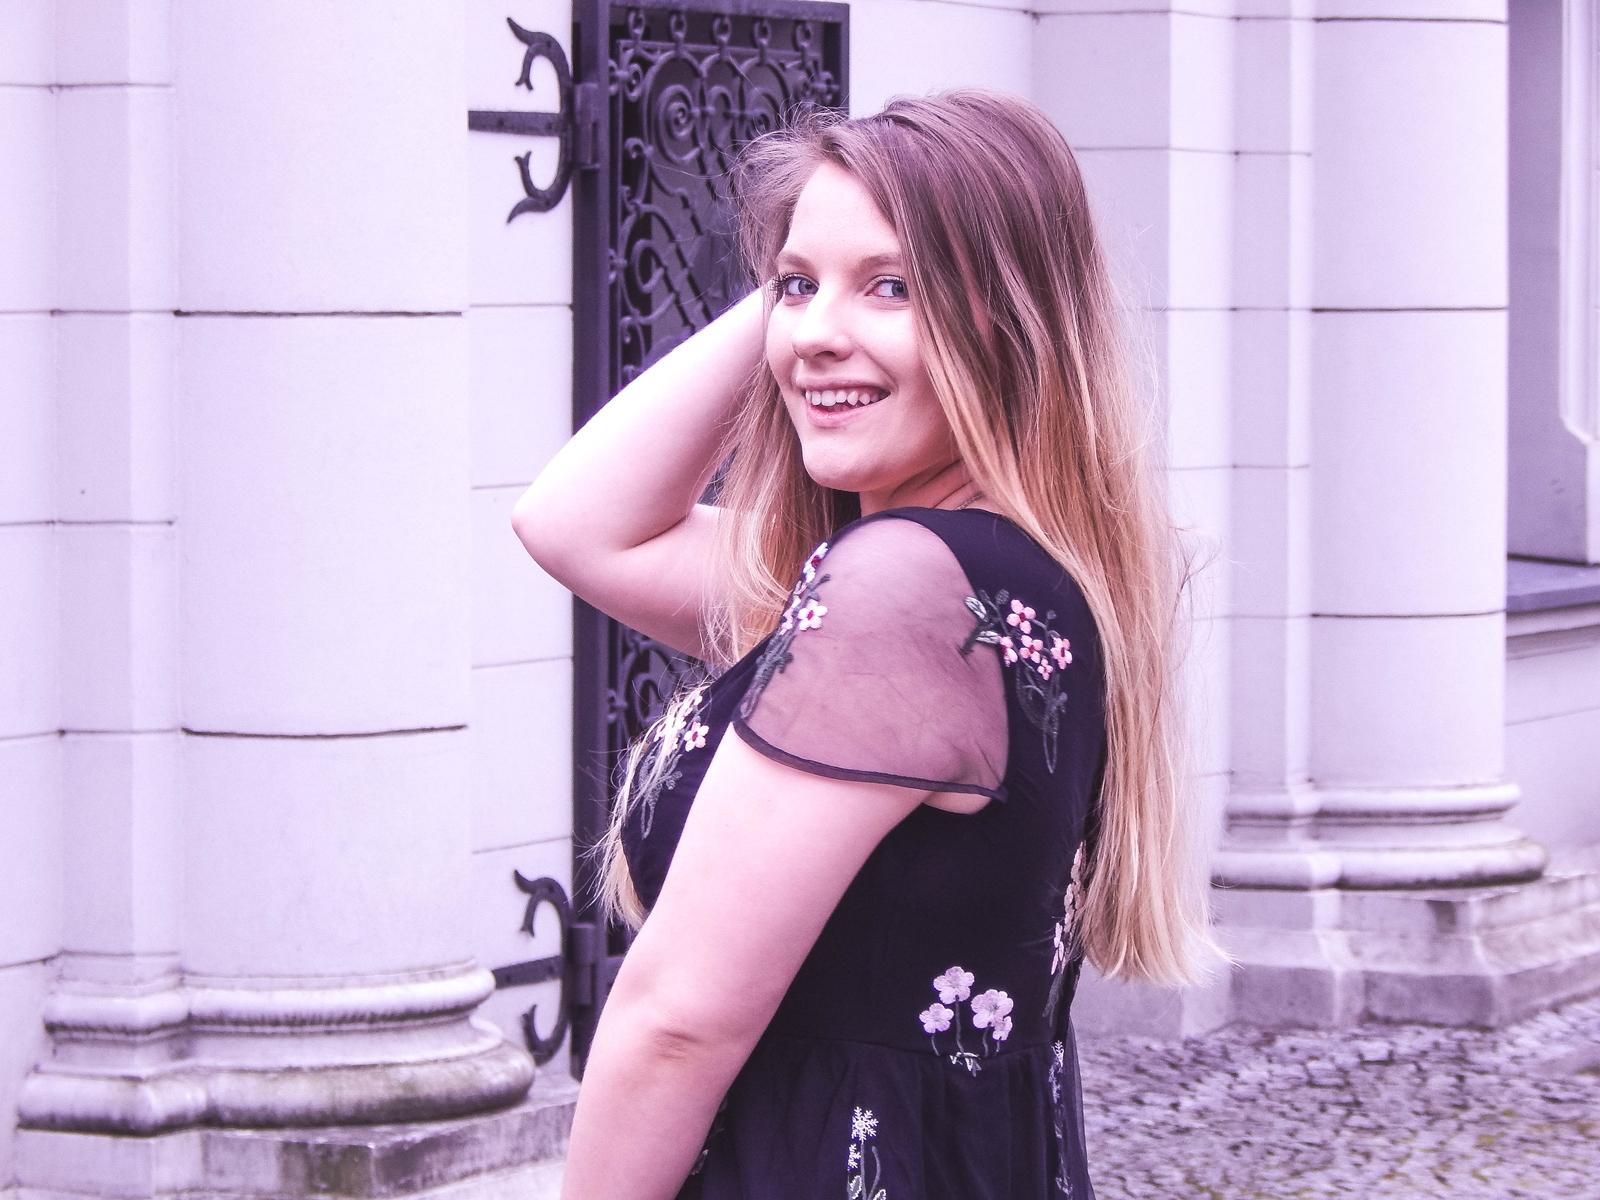 4 orsay trendy wiosna 2018 nowa kolekcja moda fashion blog blogerki modowe łódź z łodzi łódzkie melodylaniella fashion instagram sukienka na wesele różowy płaszcz granatowe pantofle duża torba